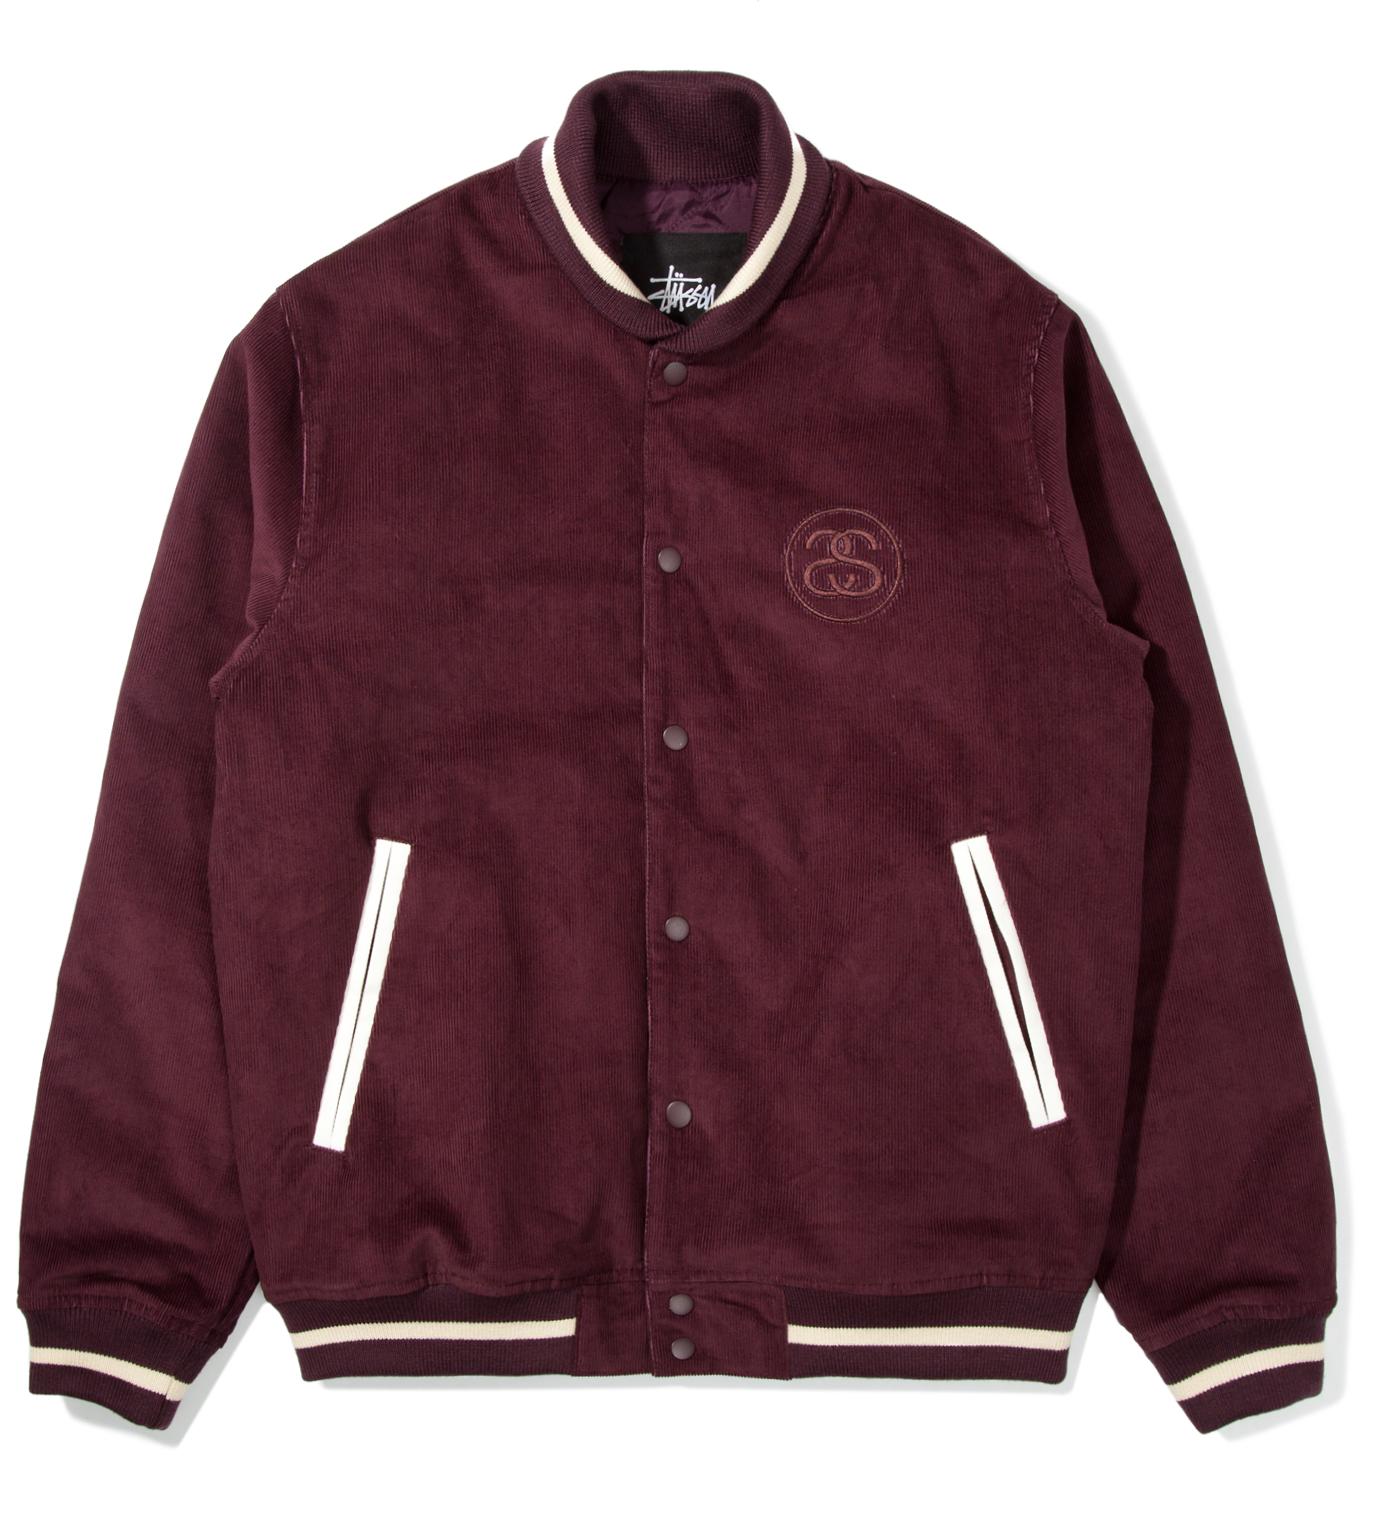 Stussy Burgundy Cord Varsity Jacket